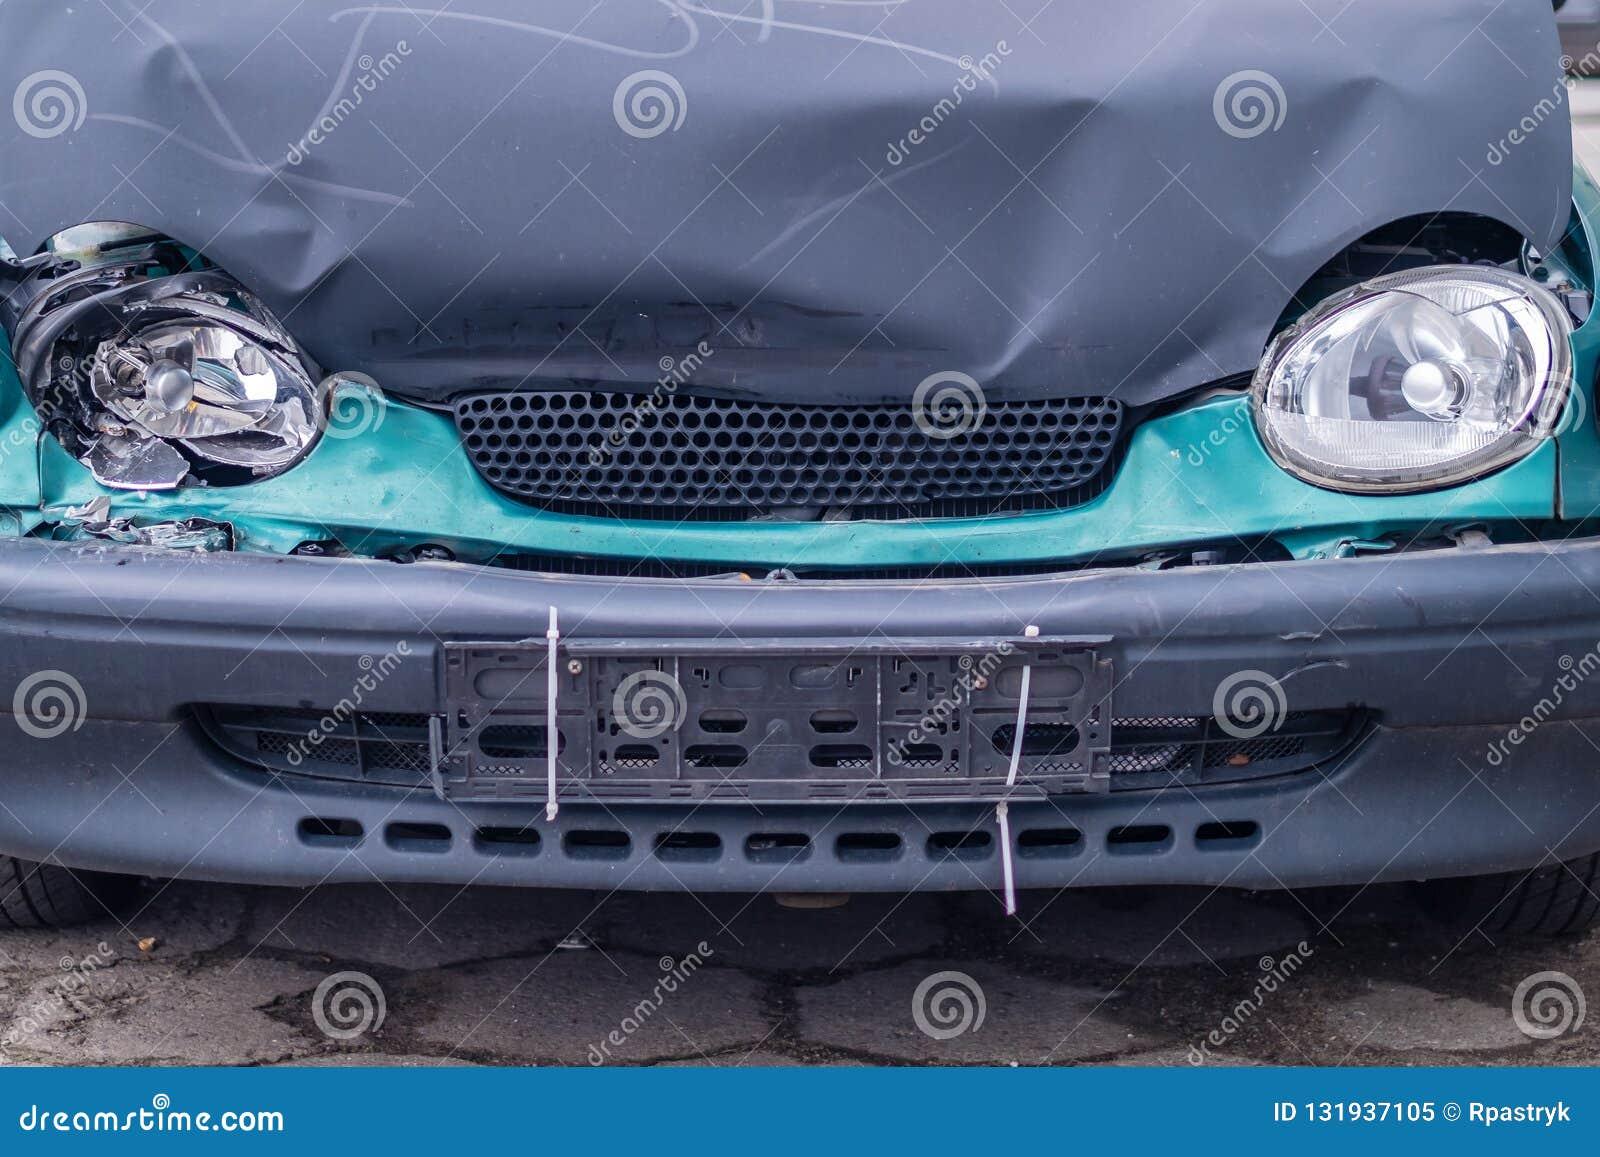 Αυτοκίνητο μετά από το τροχαίο ατύχημα, προβολείς